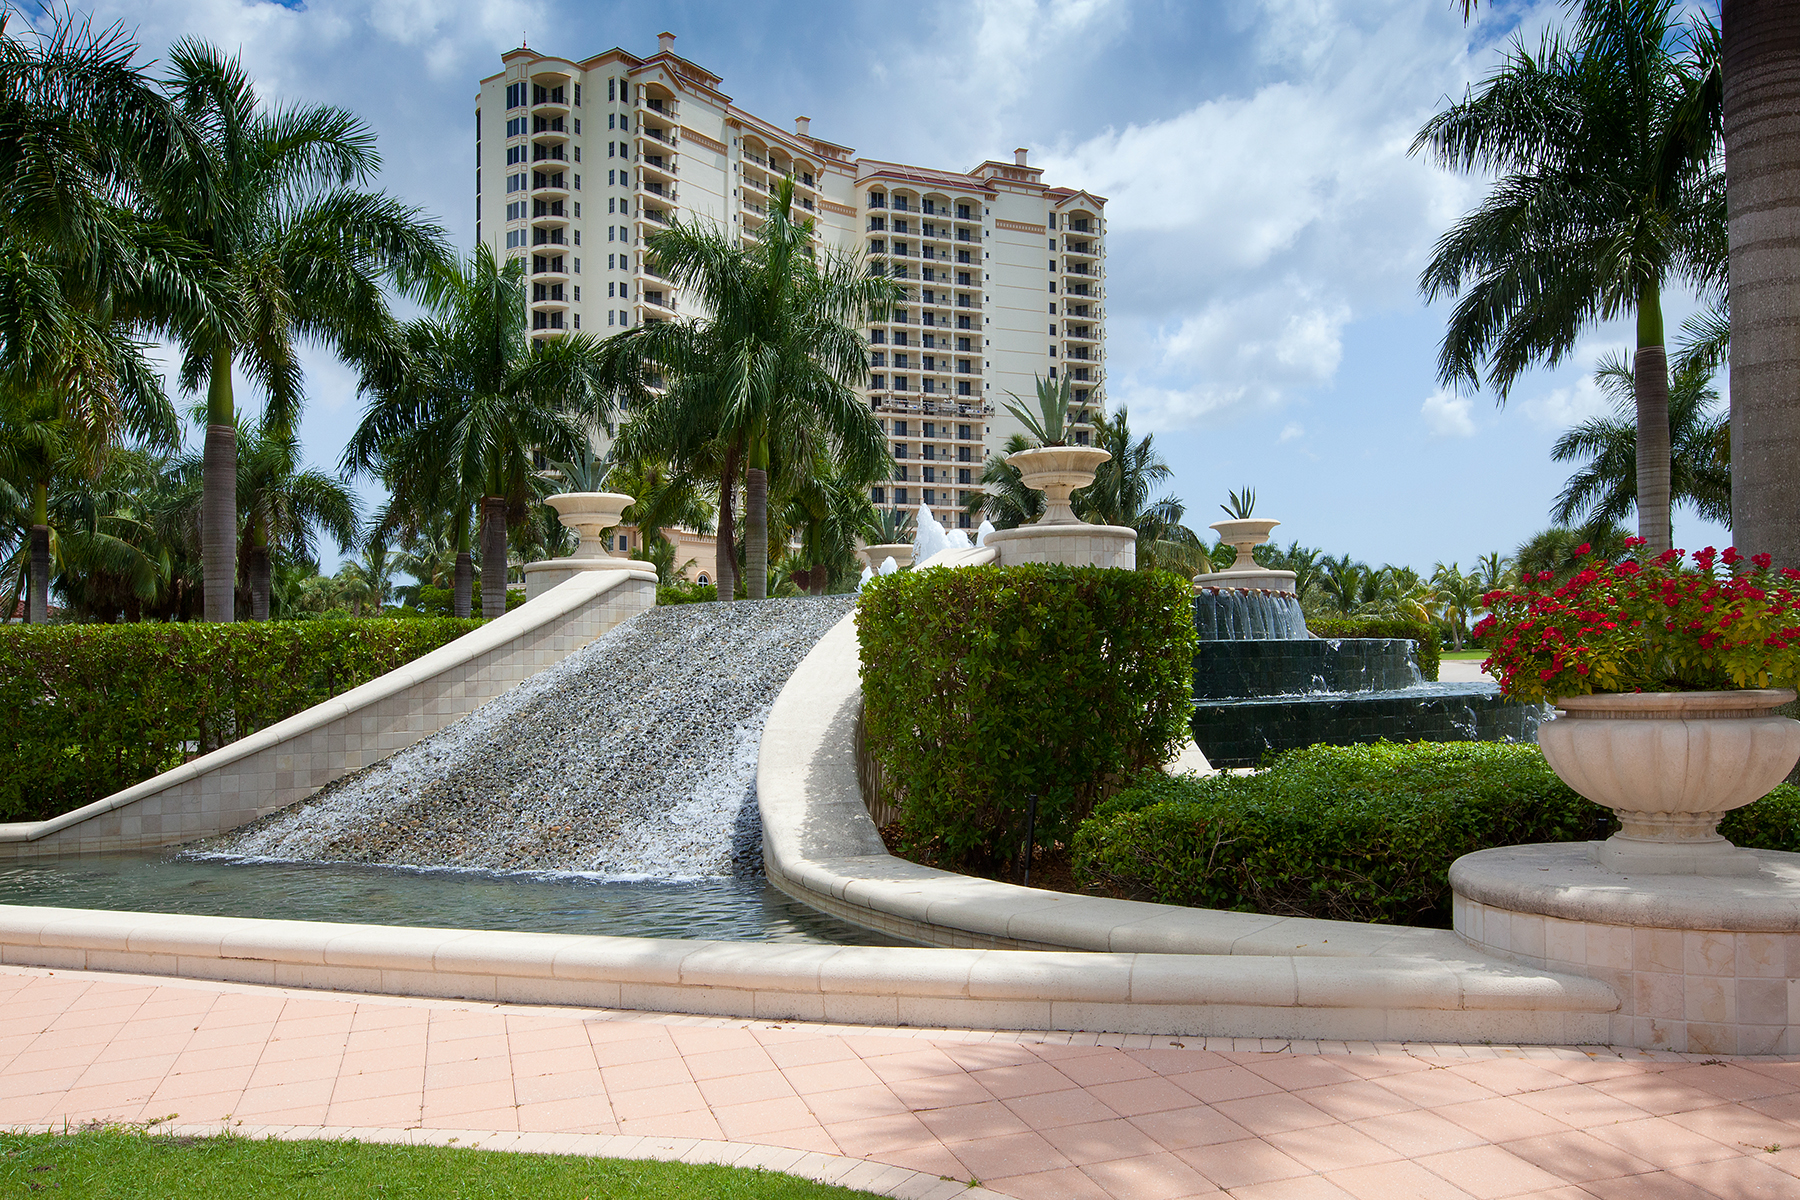 共管式独立产权公寓 为 销售 在 HAMMOCK BAY 1050 Borghese Ln 302, 那不勒斯, 佛罗里达州, 34114 美国